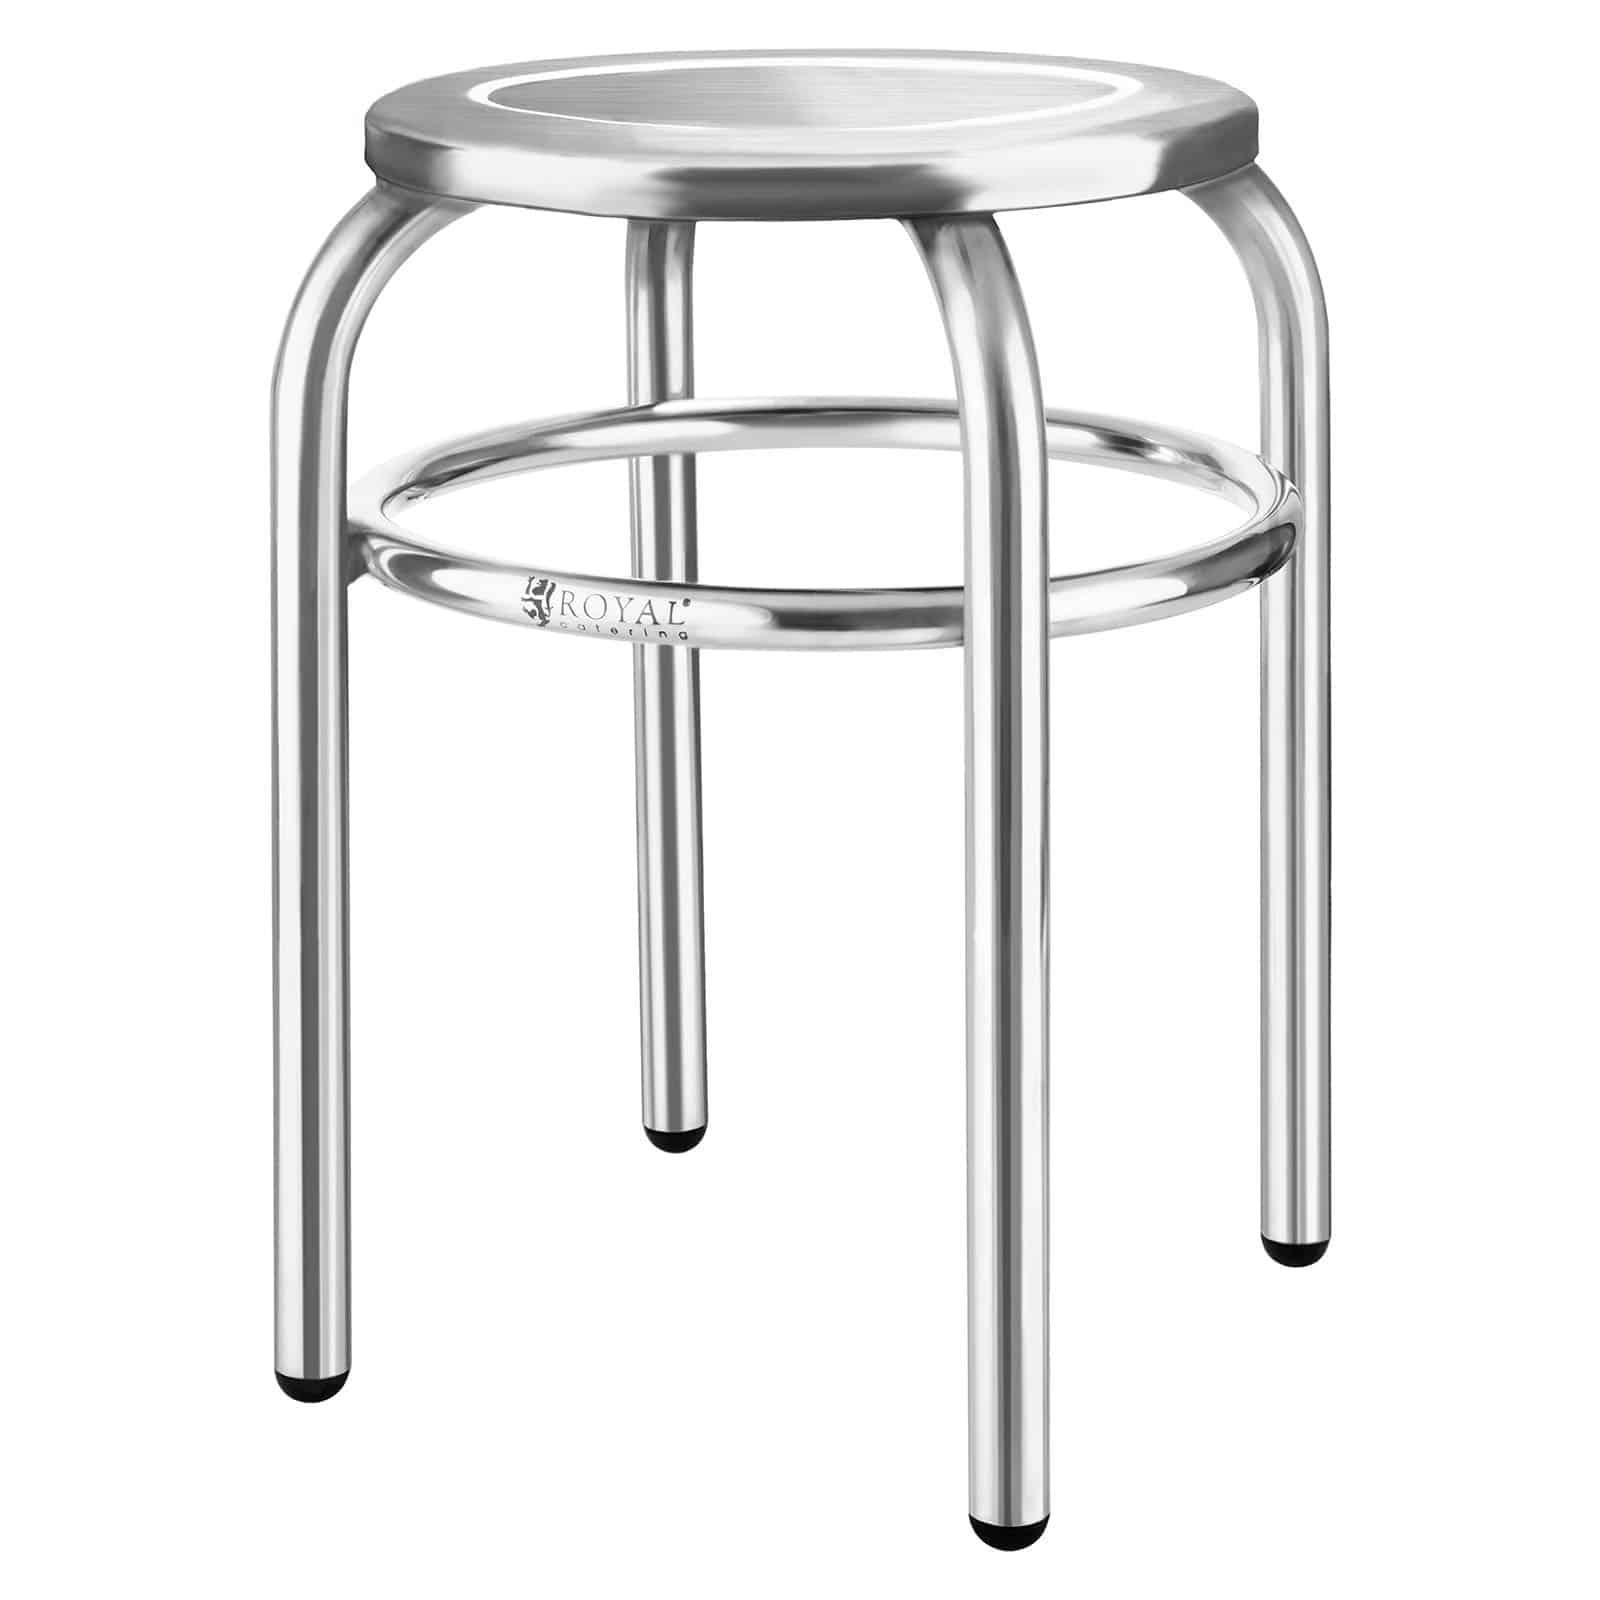 Stoličky z ušlechtilé oceli